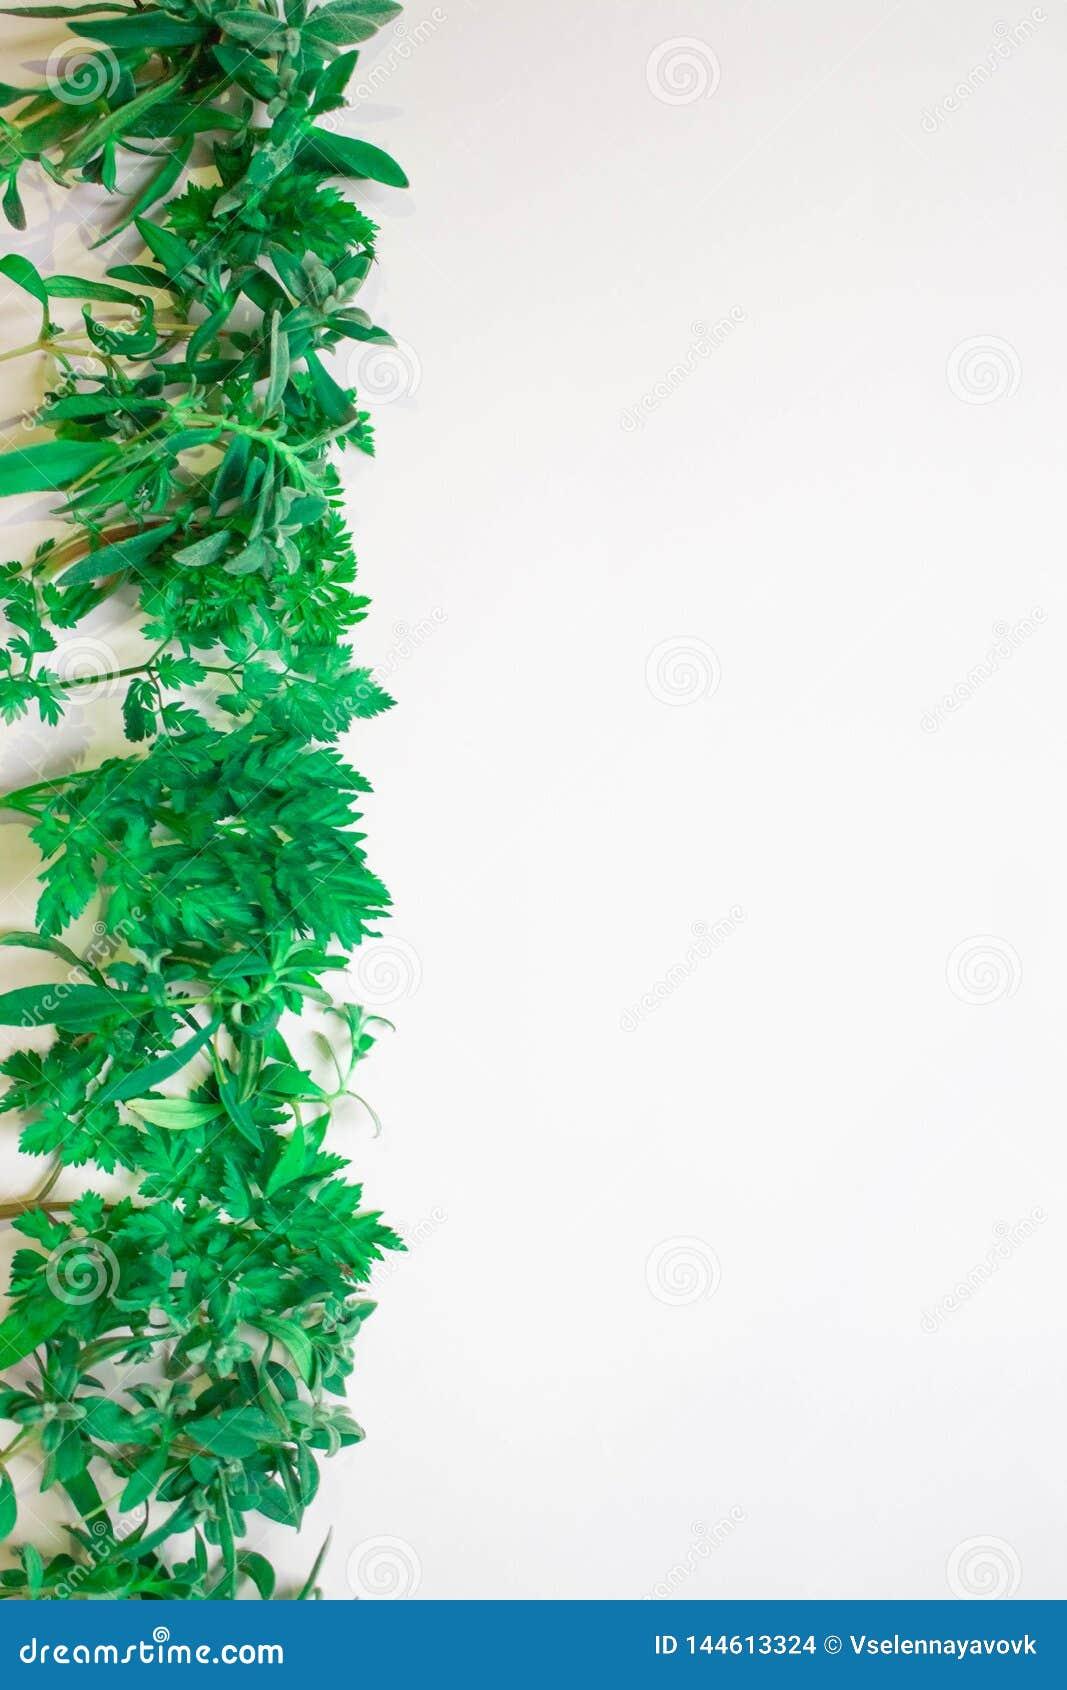 Feld von den grünen Niederlassungen, Blätter auf einem weißen Hintergrund Flache Lage, Draufsicht